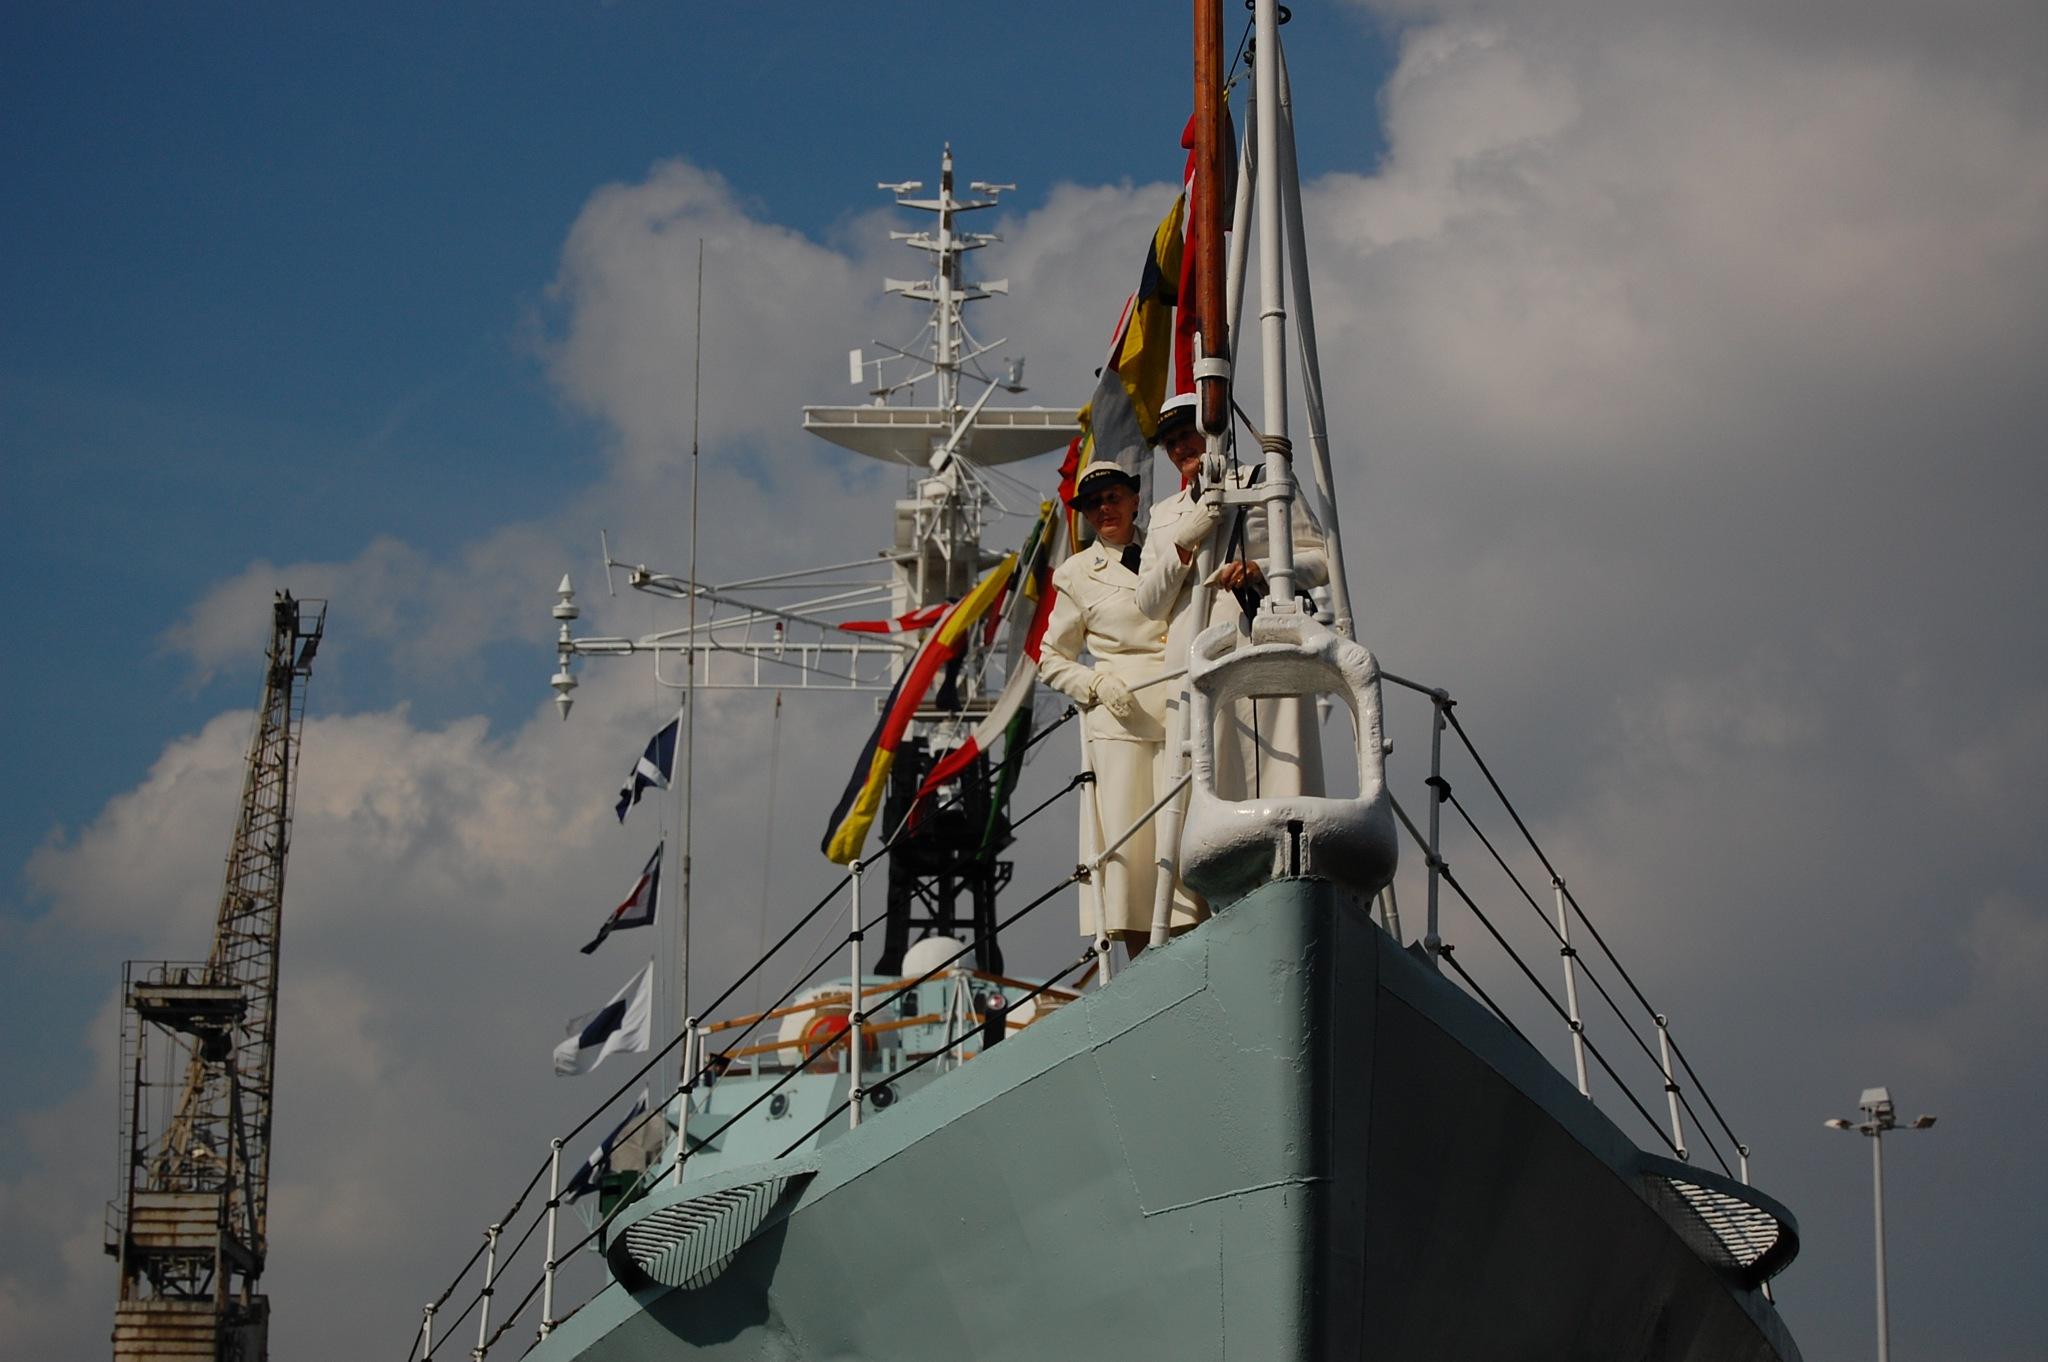 on board by edwinphillips